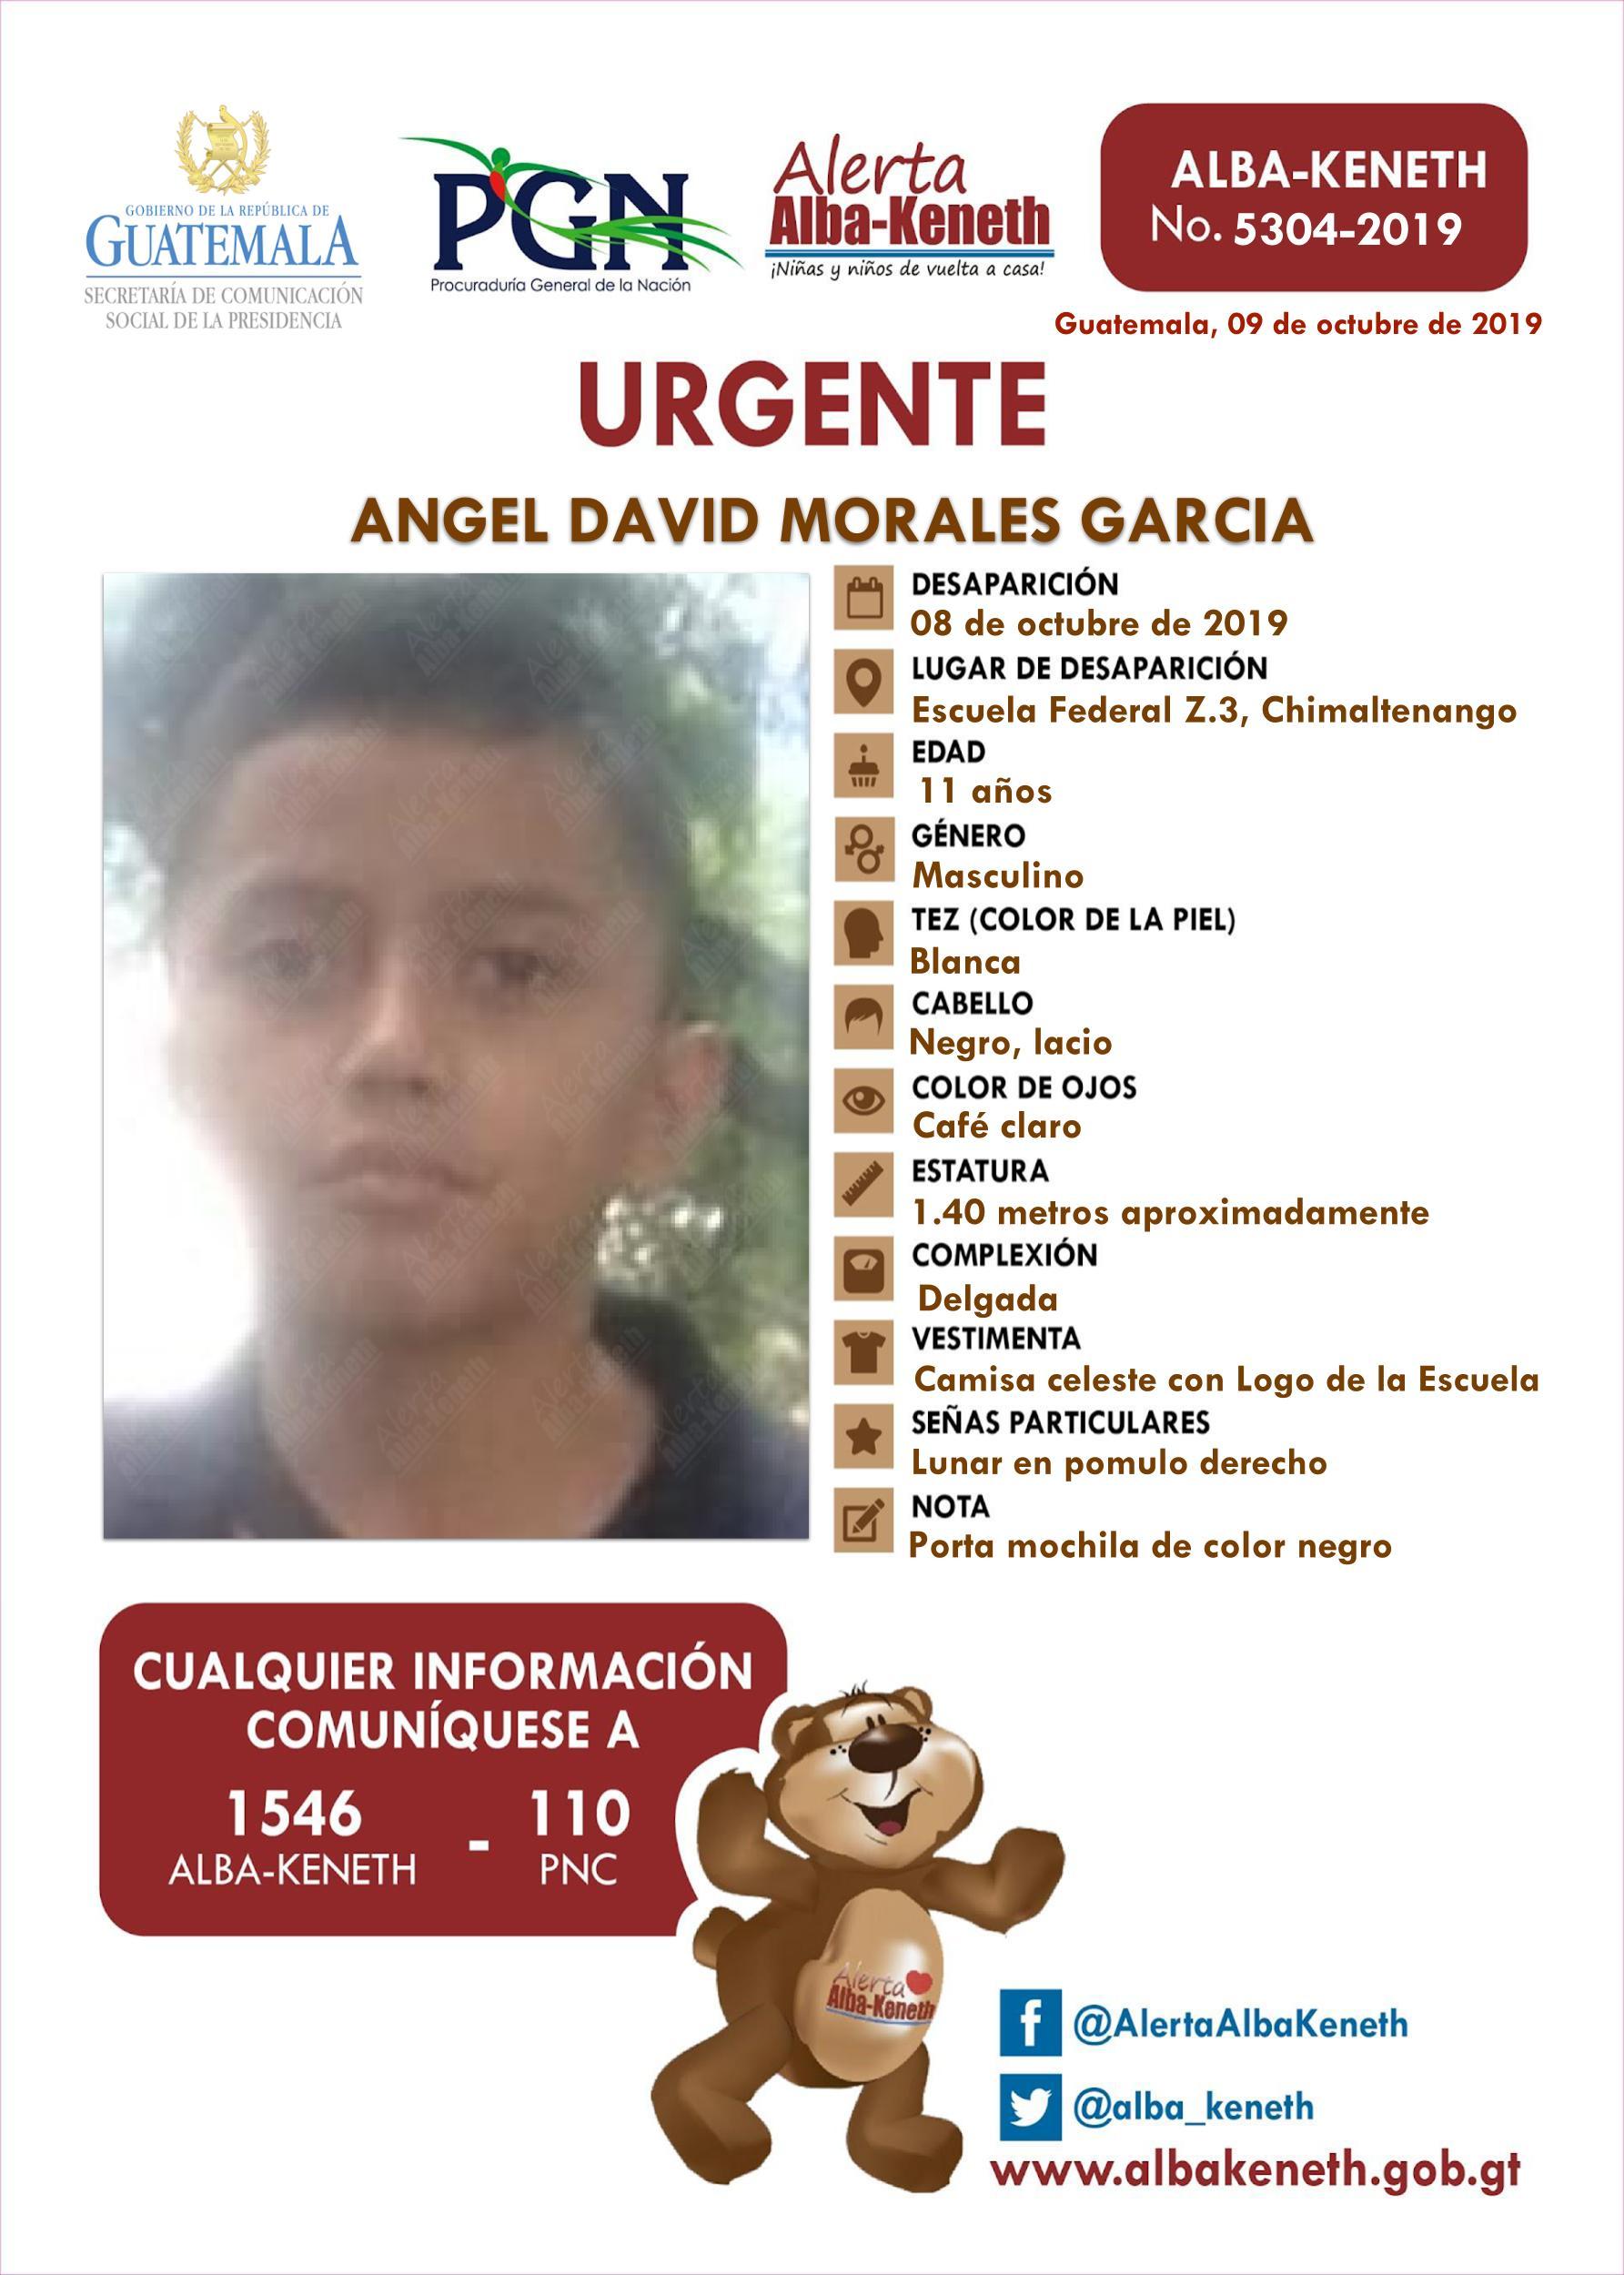 Angel David Morales Garcia